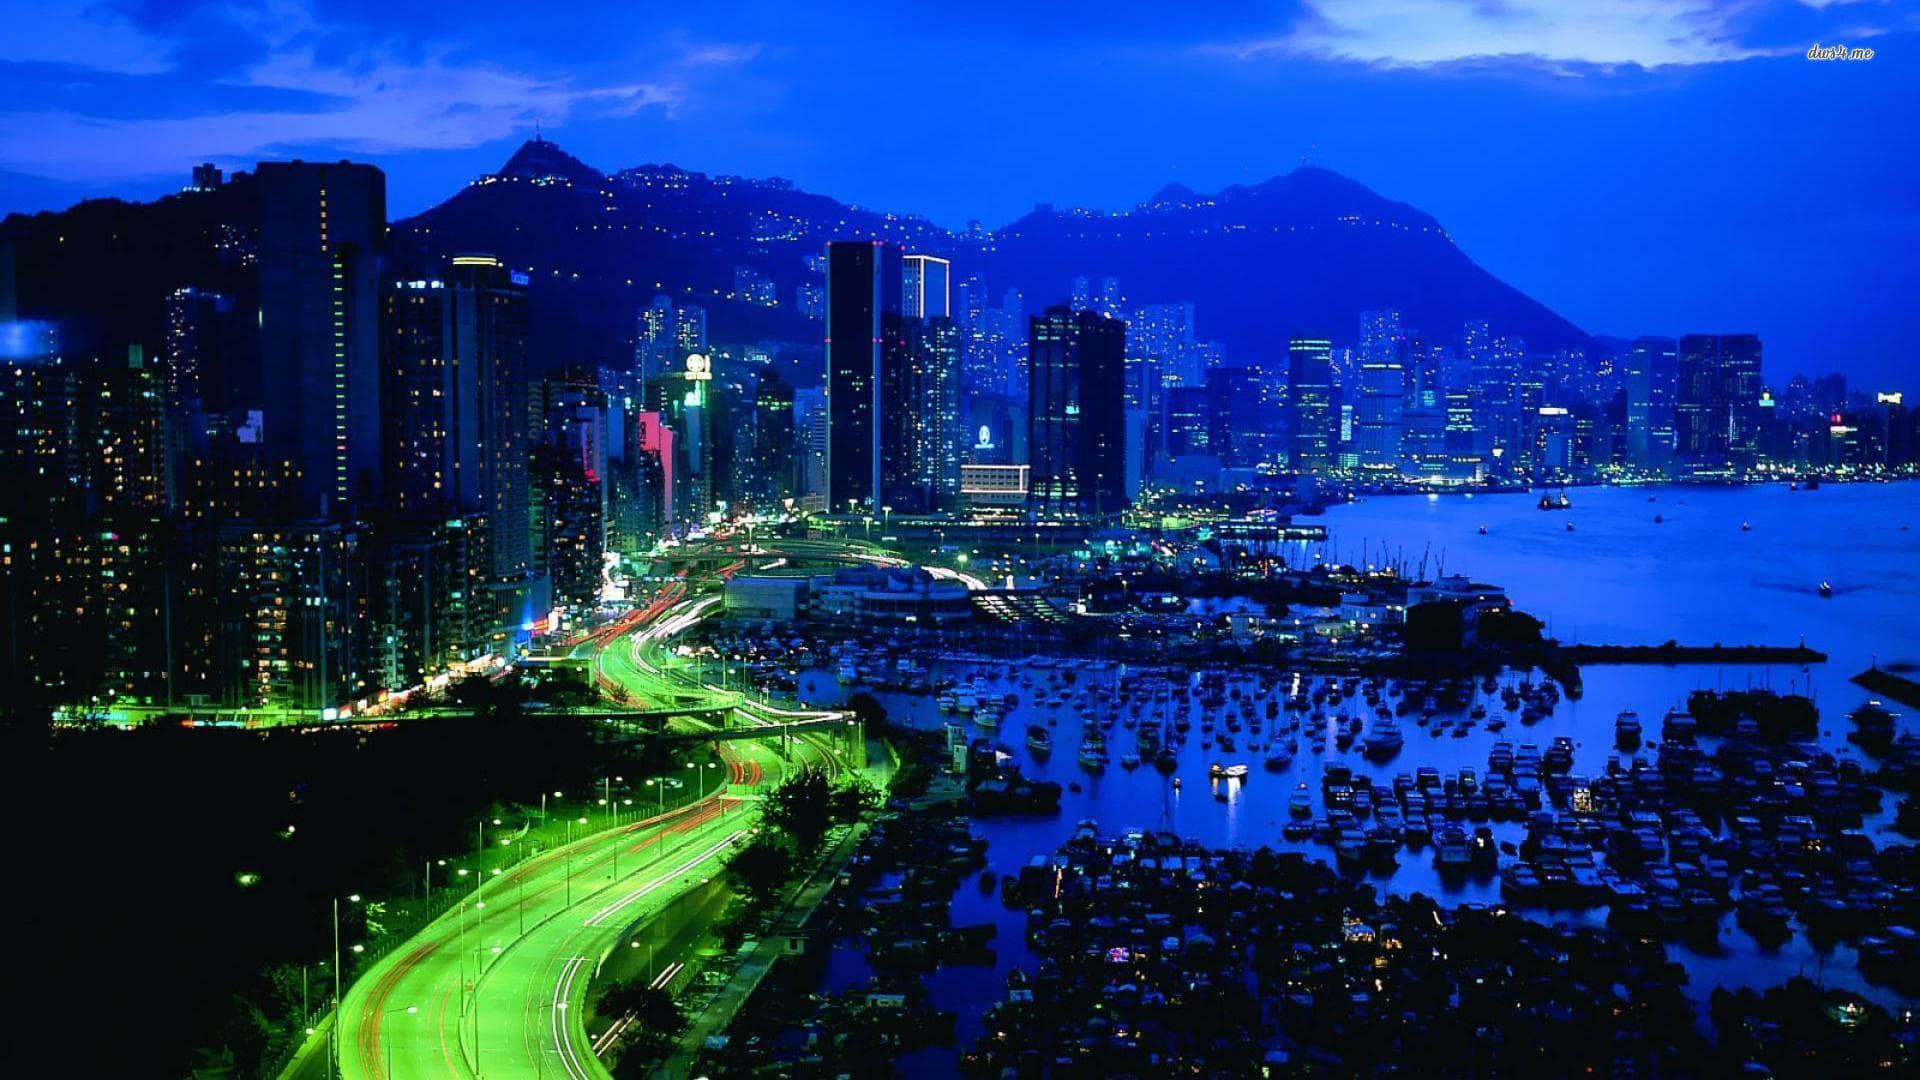 Hong Kong for mobile